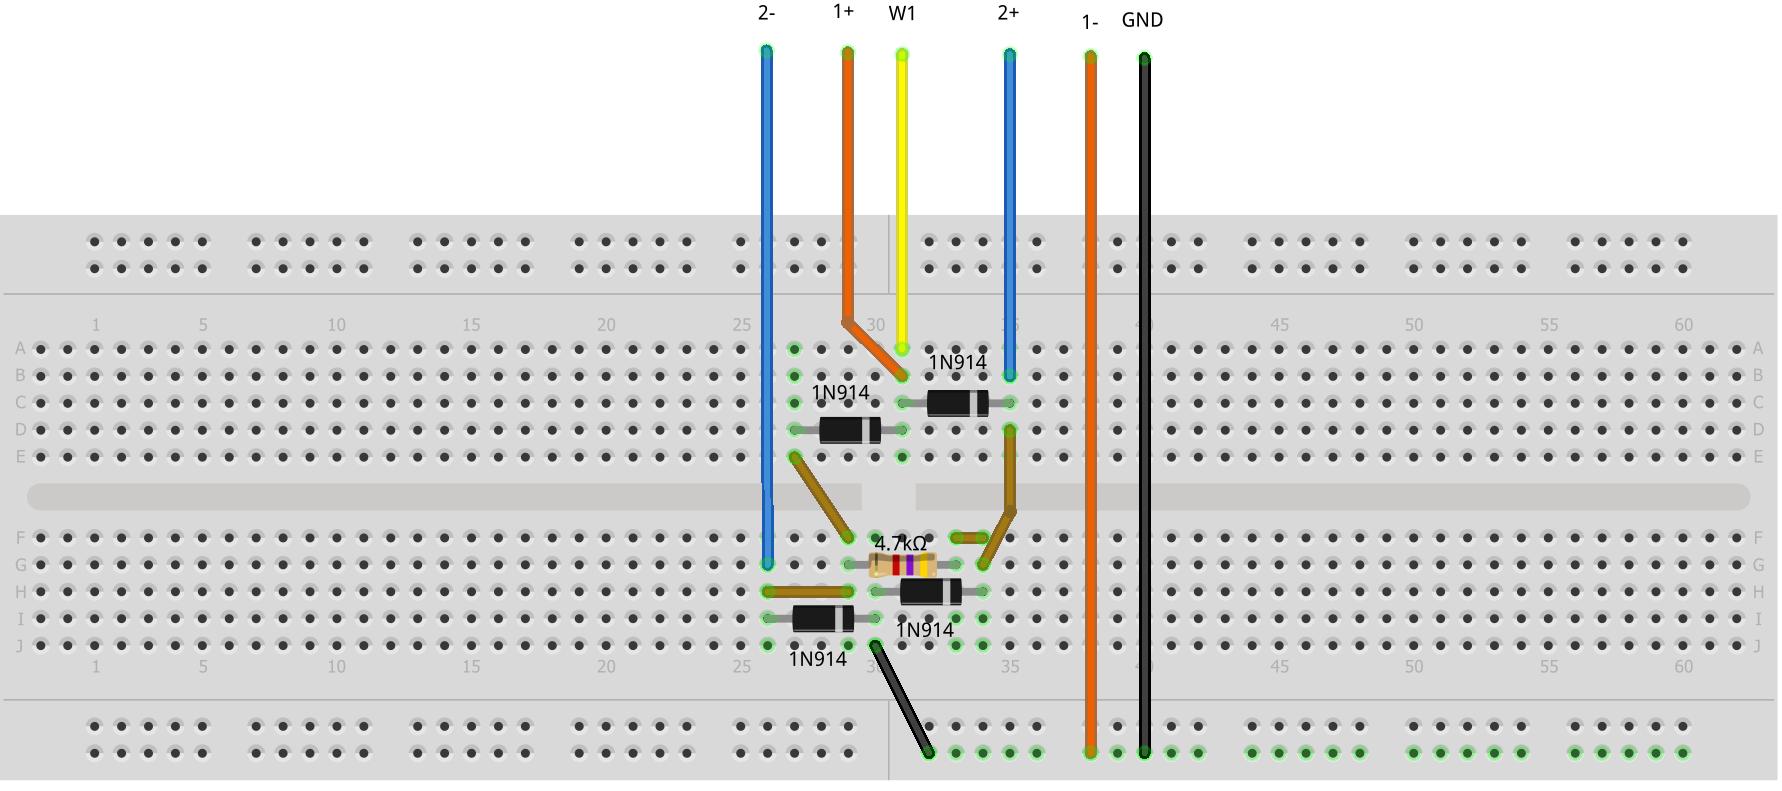 bridge-bb Half Wave Rectifier Diagram on bridge rectifier diagram, diode diagram, transistor as a switch diagram, mosfet diagram, transformer diagram, basic transistor diagram,